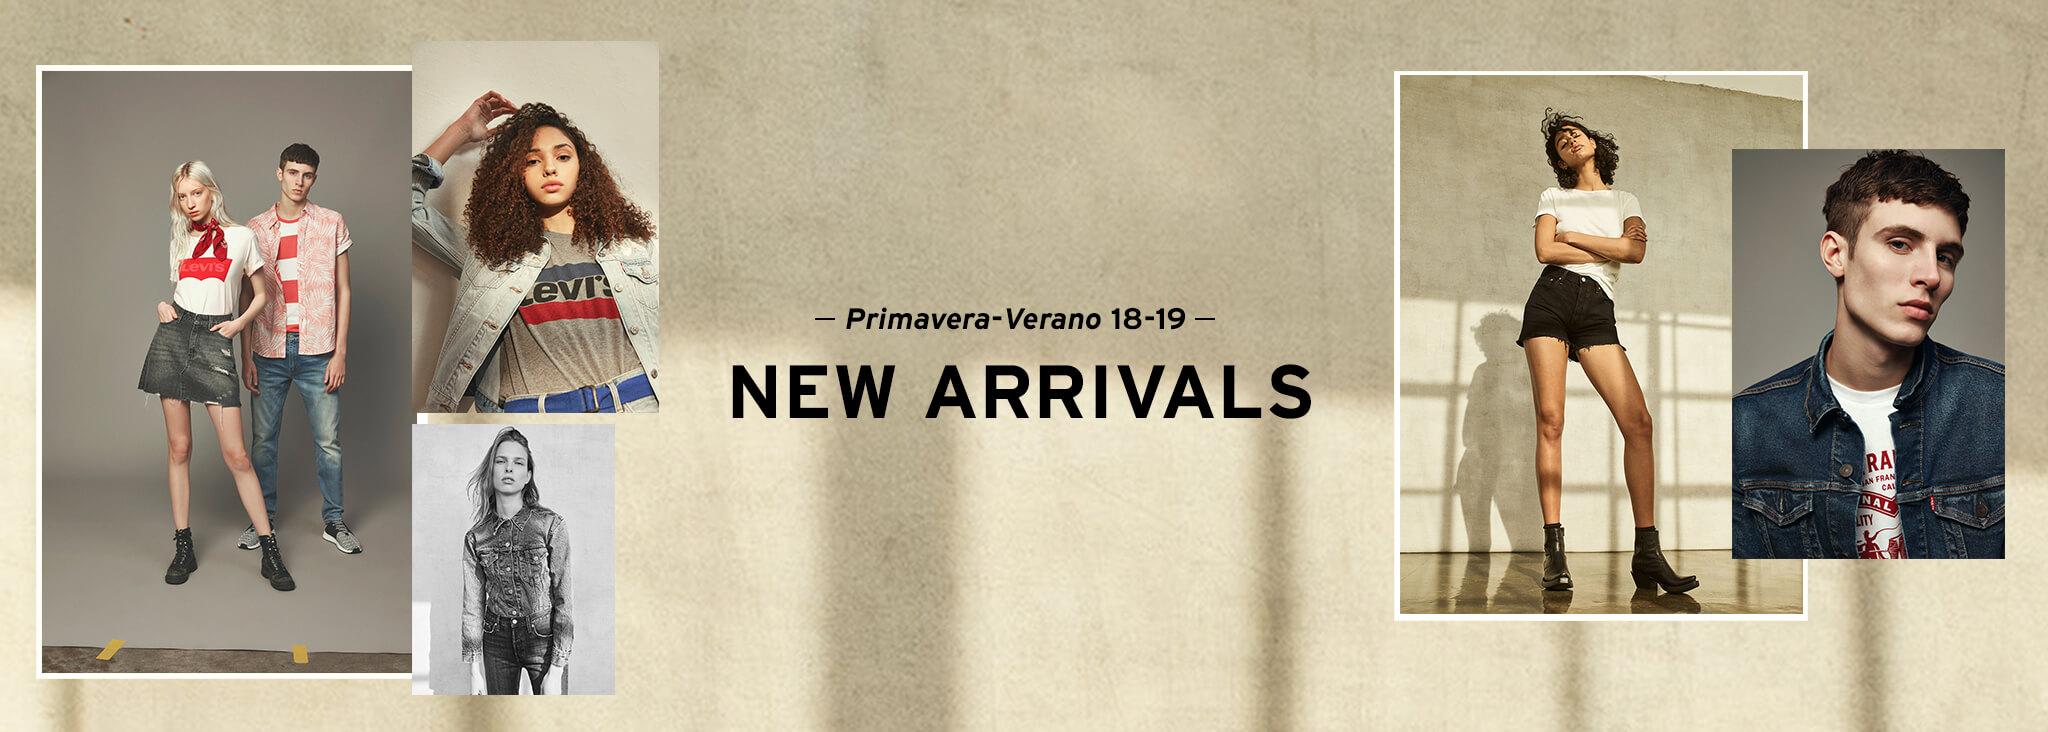 New arrivals 2018 primavera verano hombre y mujer levis